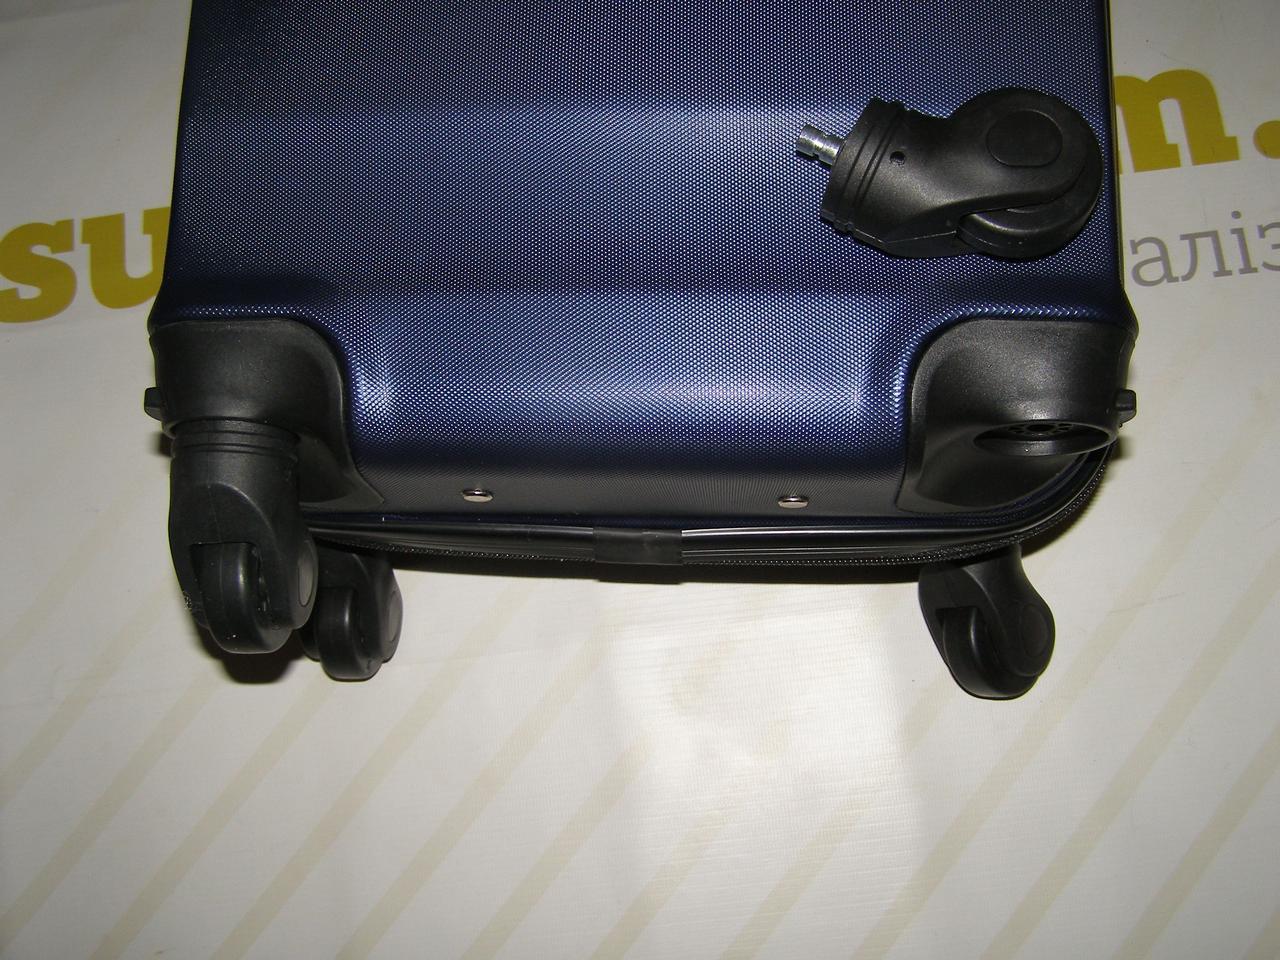 13e353ad139d Пластиковый мини чемодан, выдвижной ручкой Wings, синий на 4-х съемных  колесах -